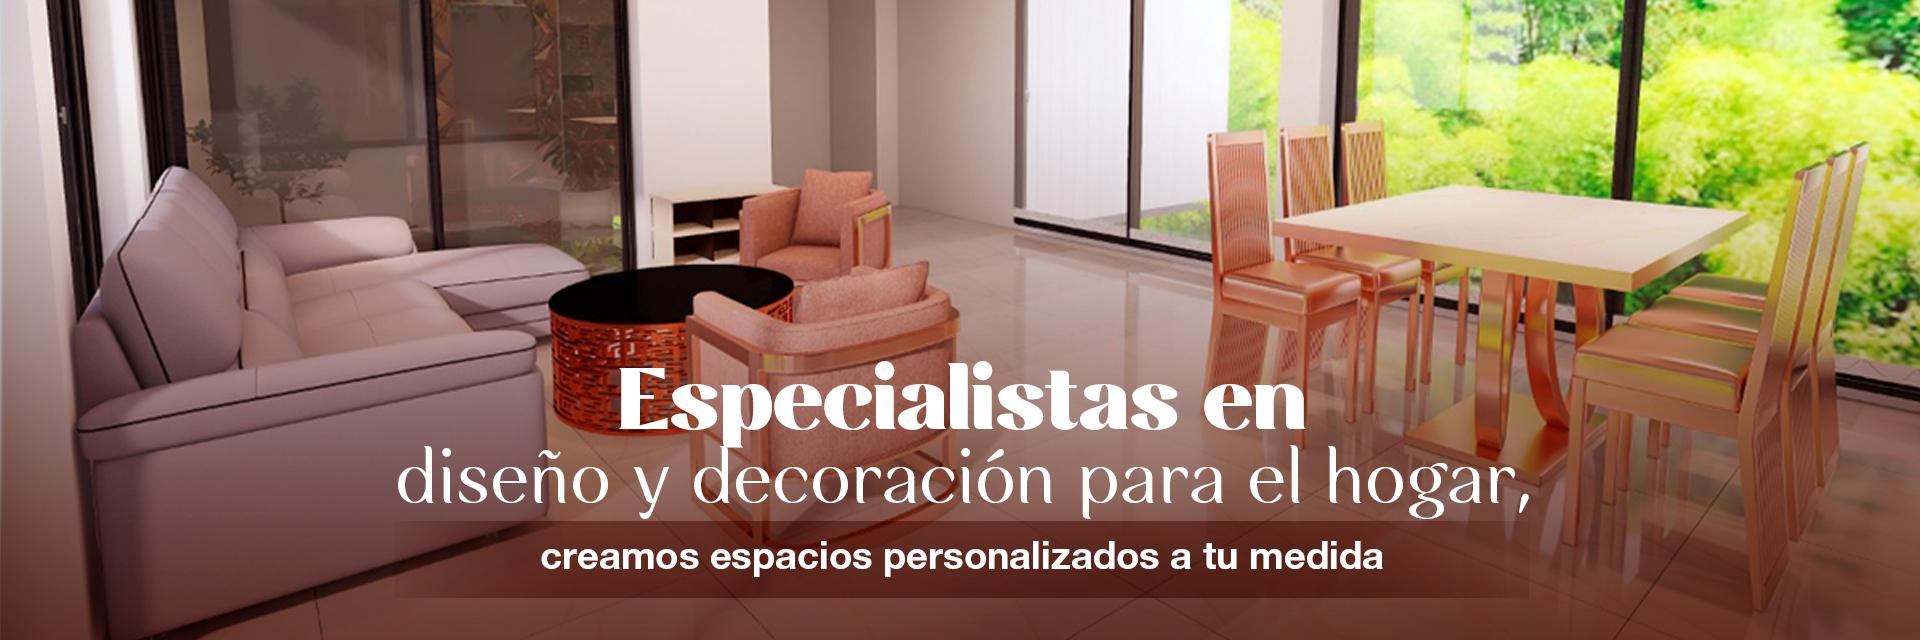 Especialista-en-dieseño-1